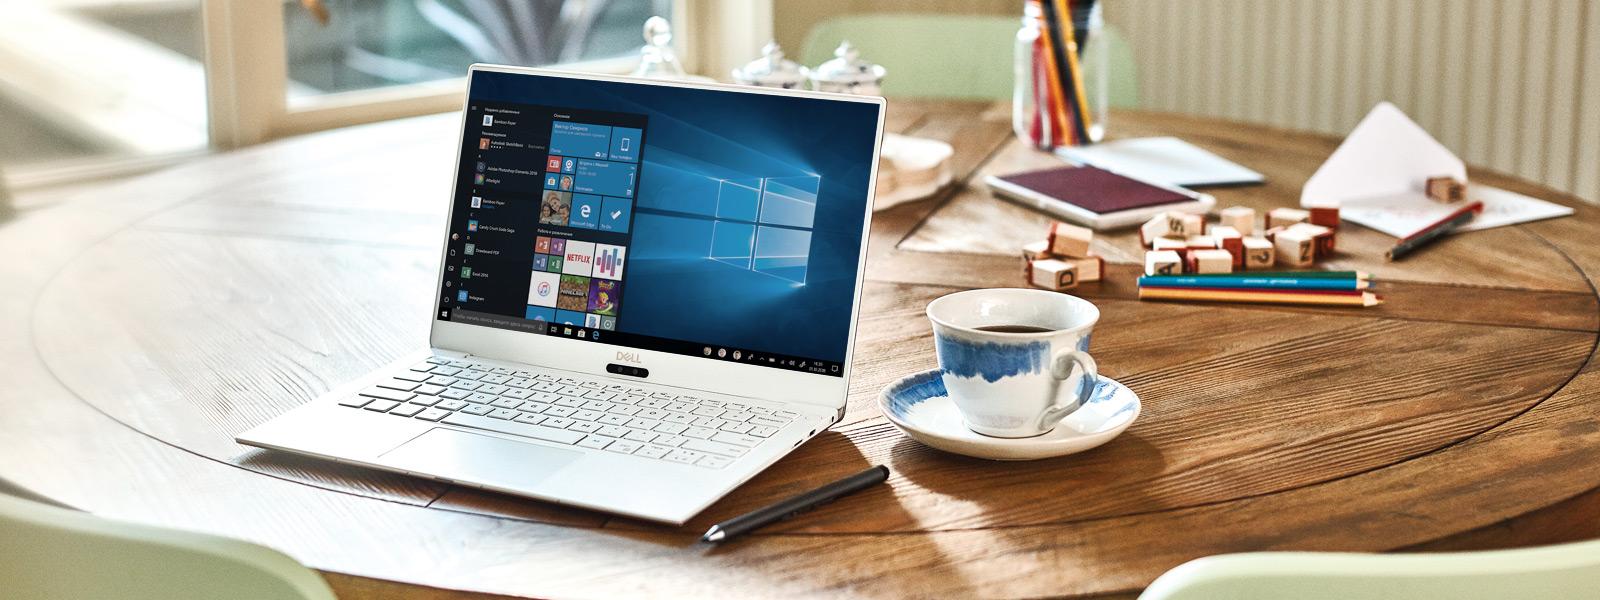 Открытый ноутбук Dell XPS 13 9370 стоит на столе со стартовым экраном Windows 10 на экране.